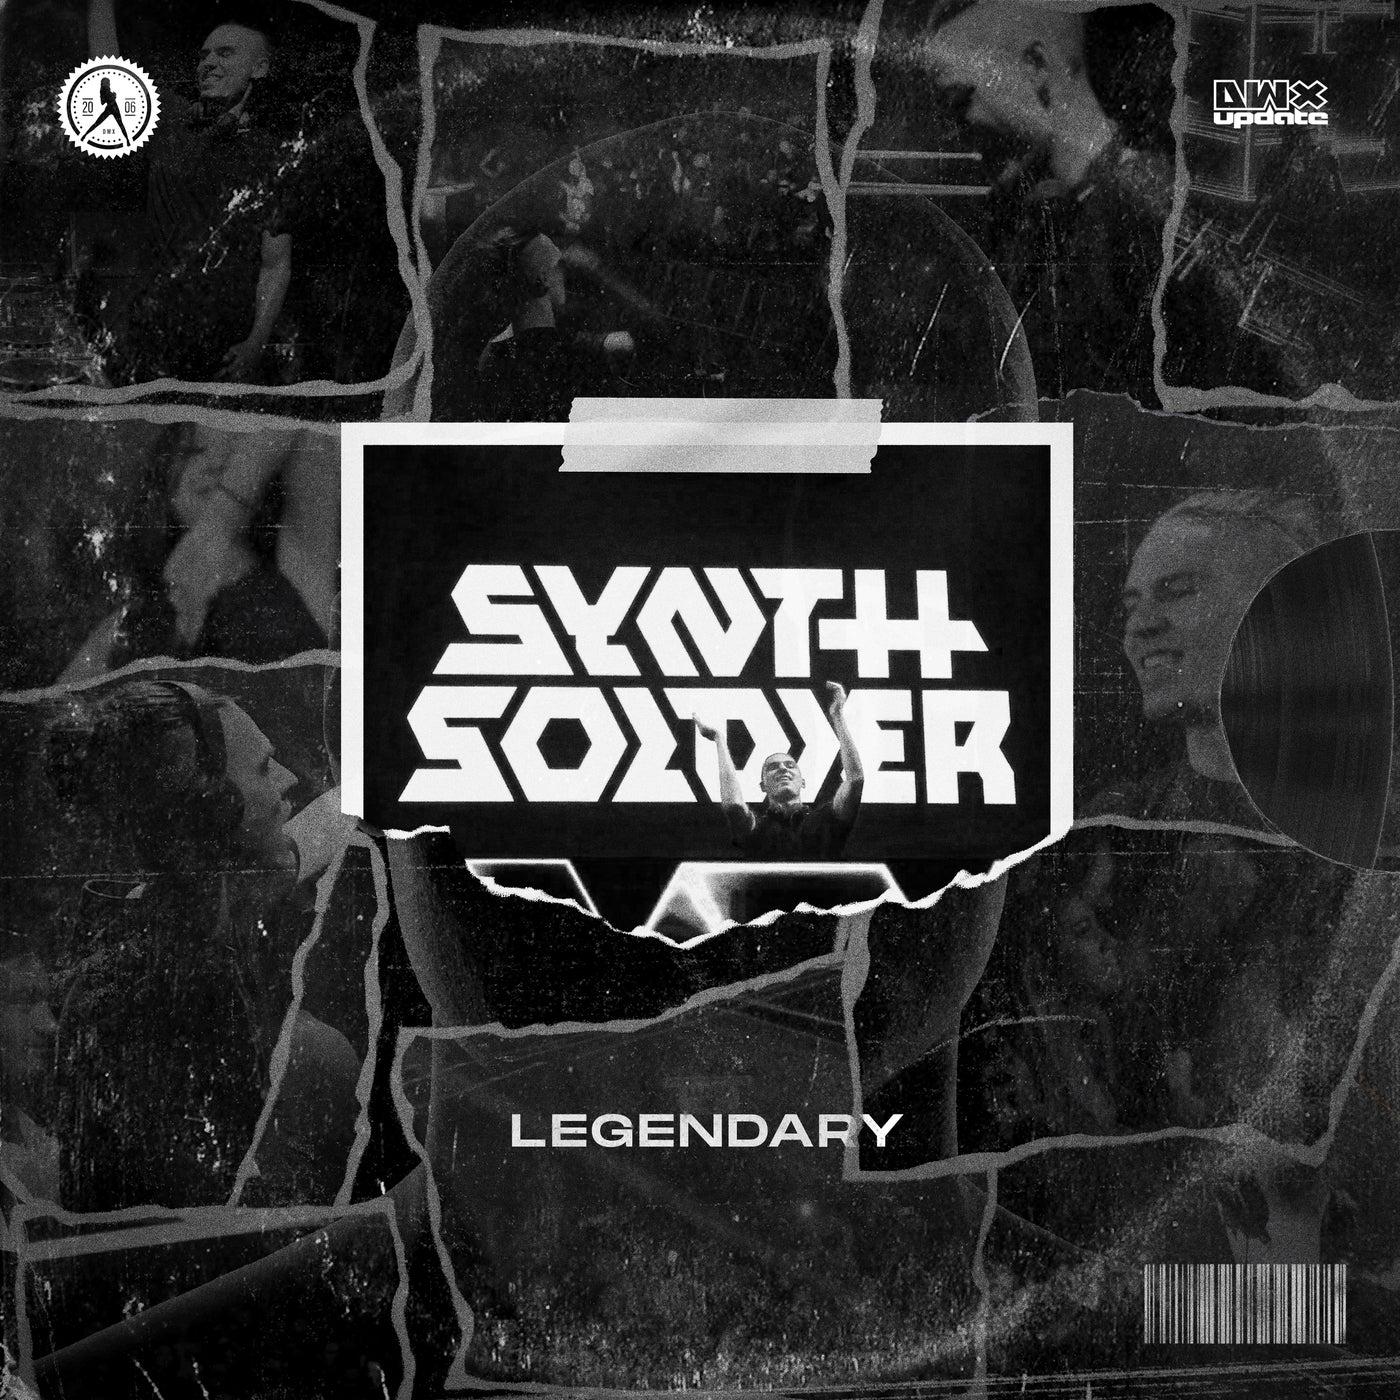 Legendary (Extended Mix)